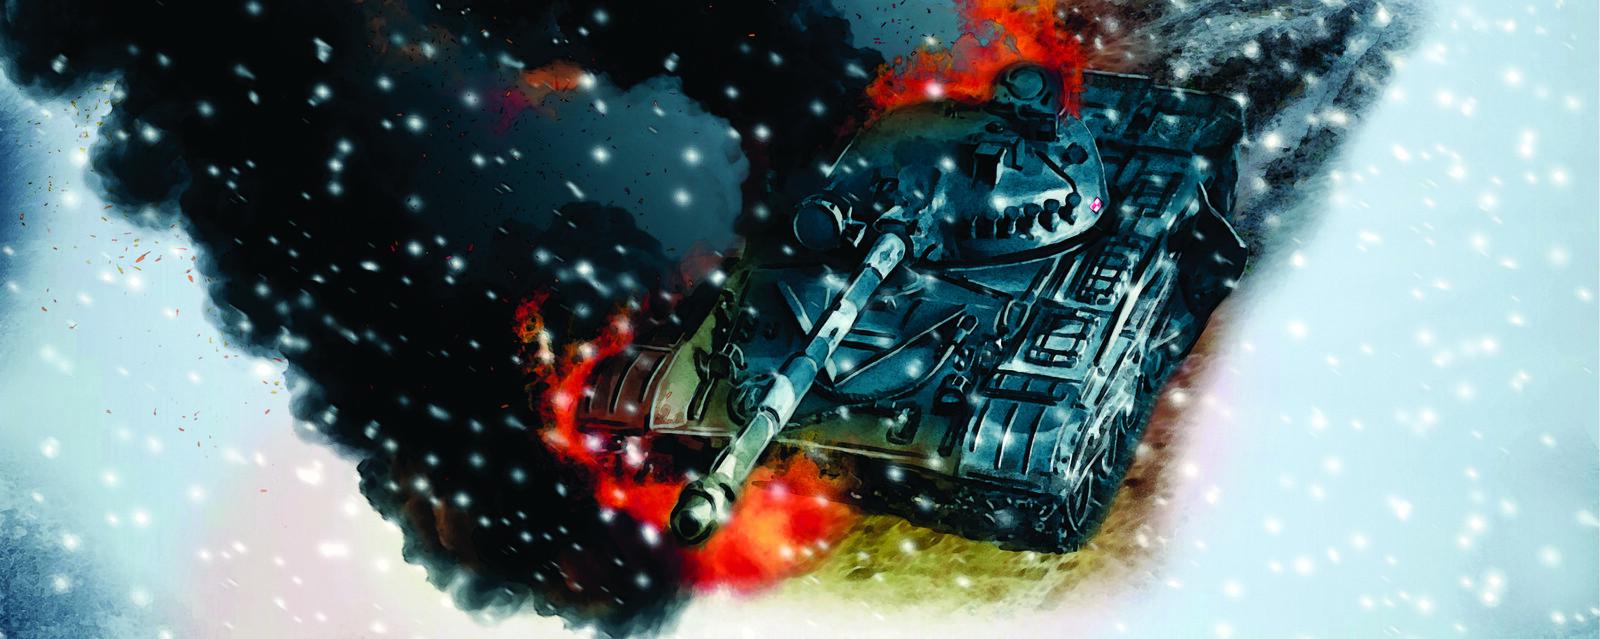 Burning Polish T-72 tank